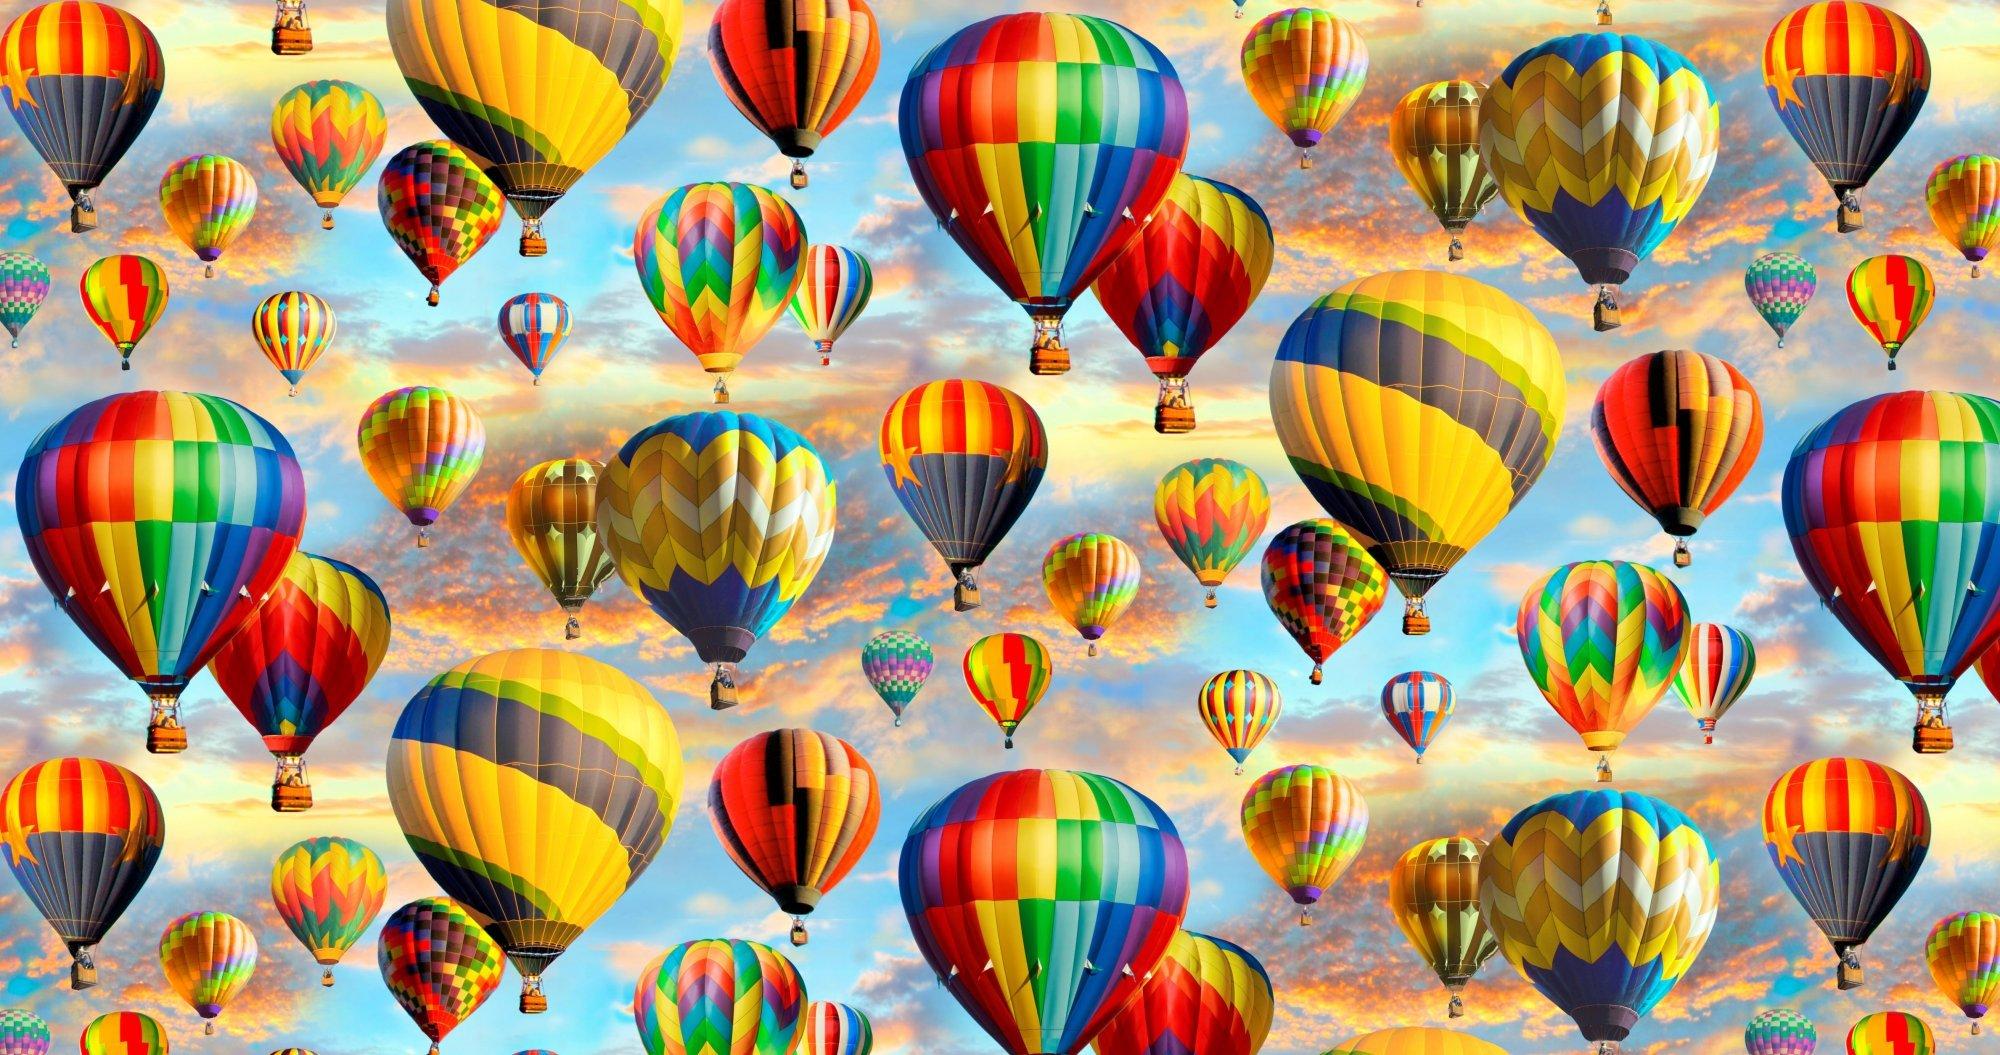 Hot Air Balloons 0033 Sunset